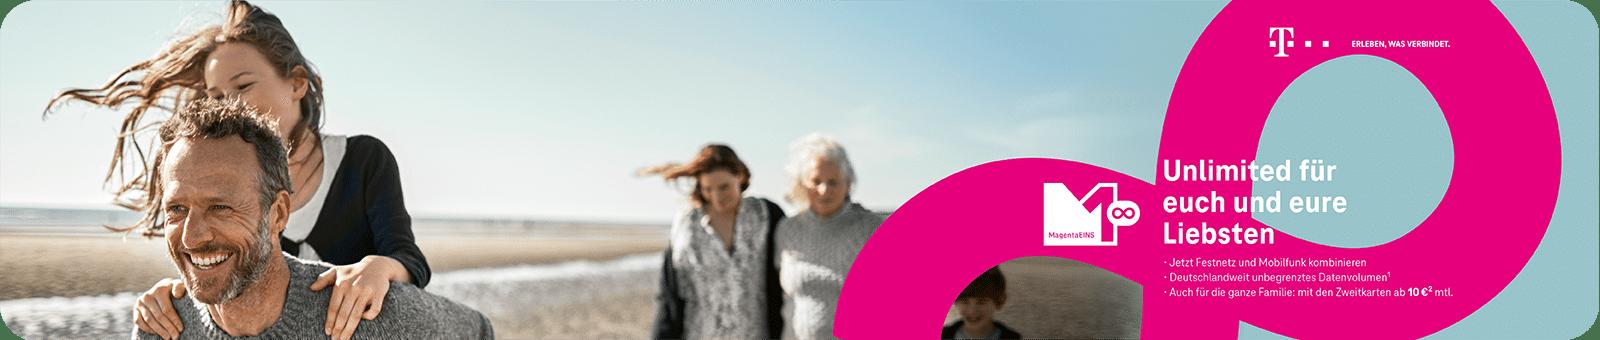 Telekom MagentaEins Unlimited